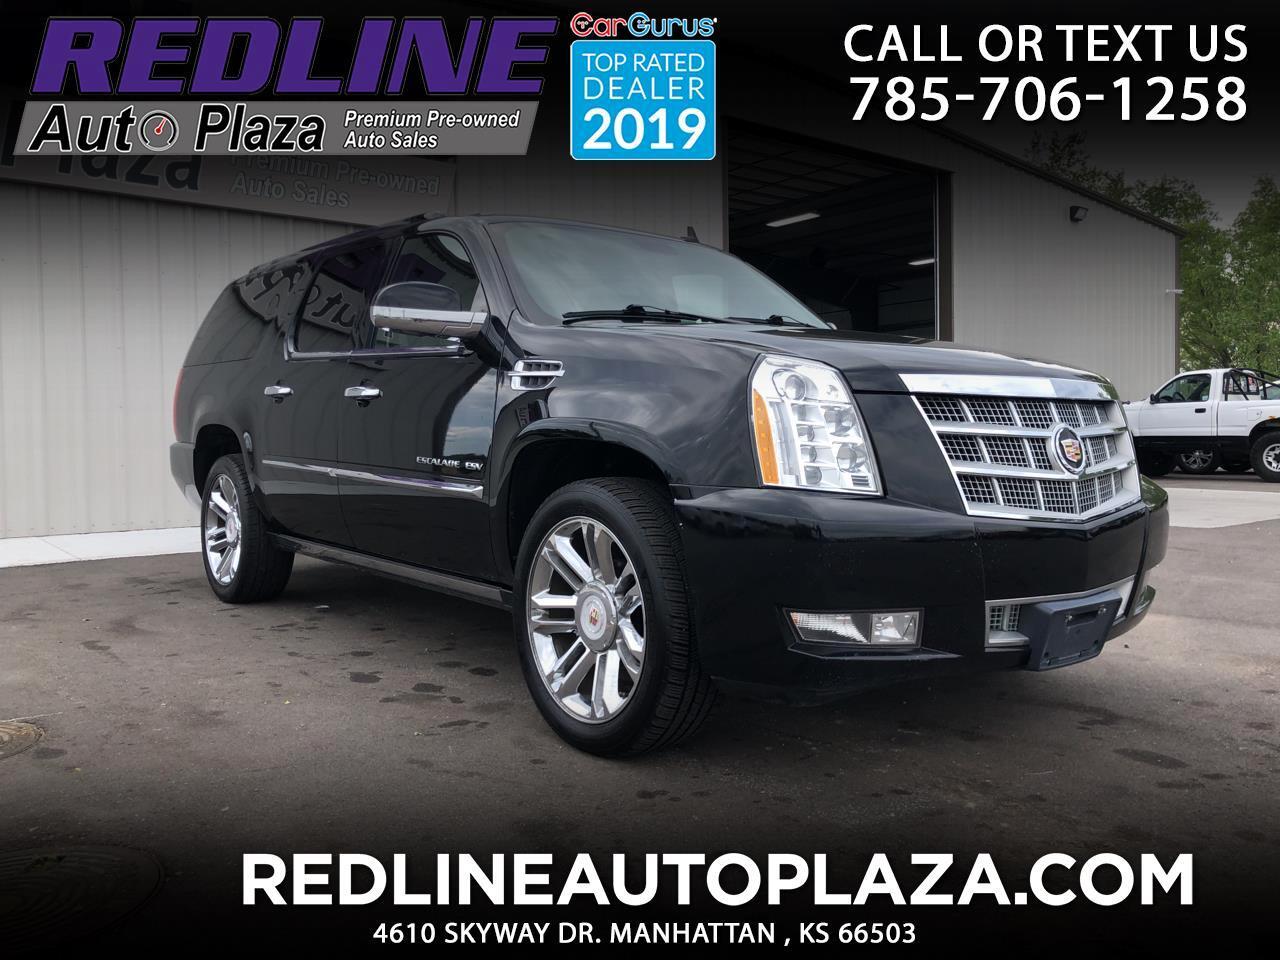 Cadillac Escalade ESV AWD 4dr Platinum Edition 2013